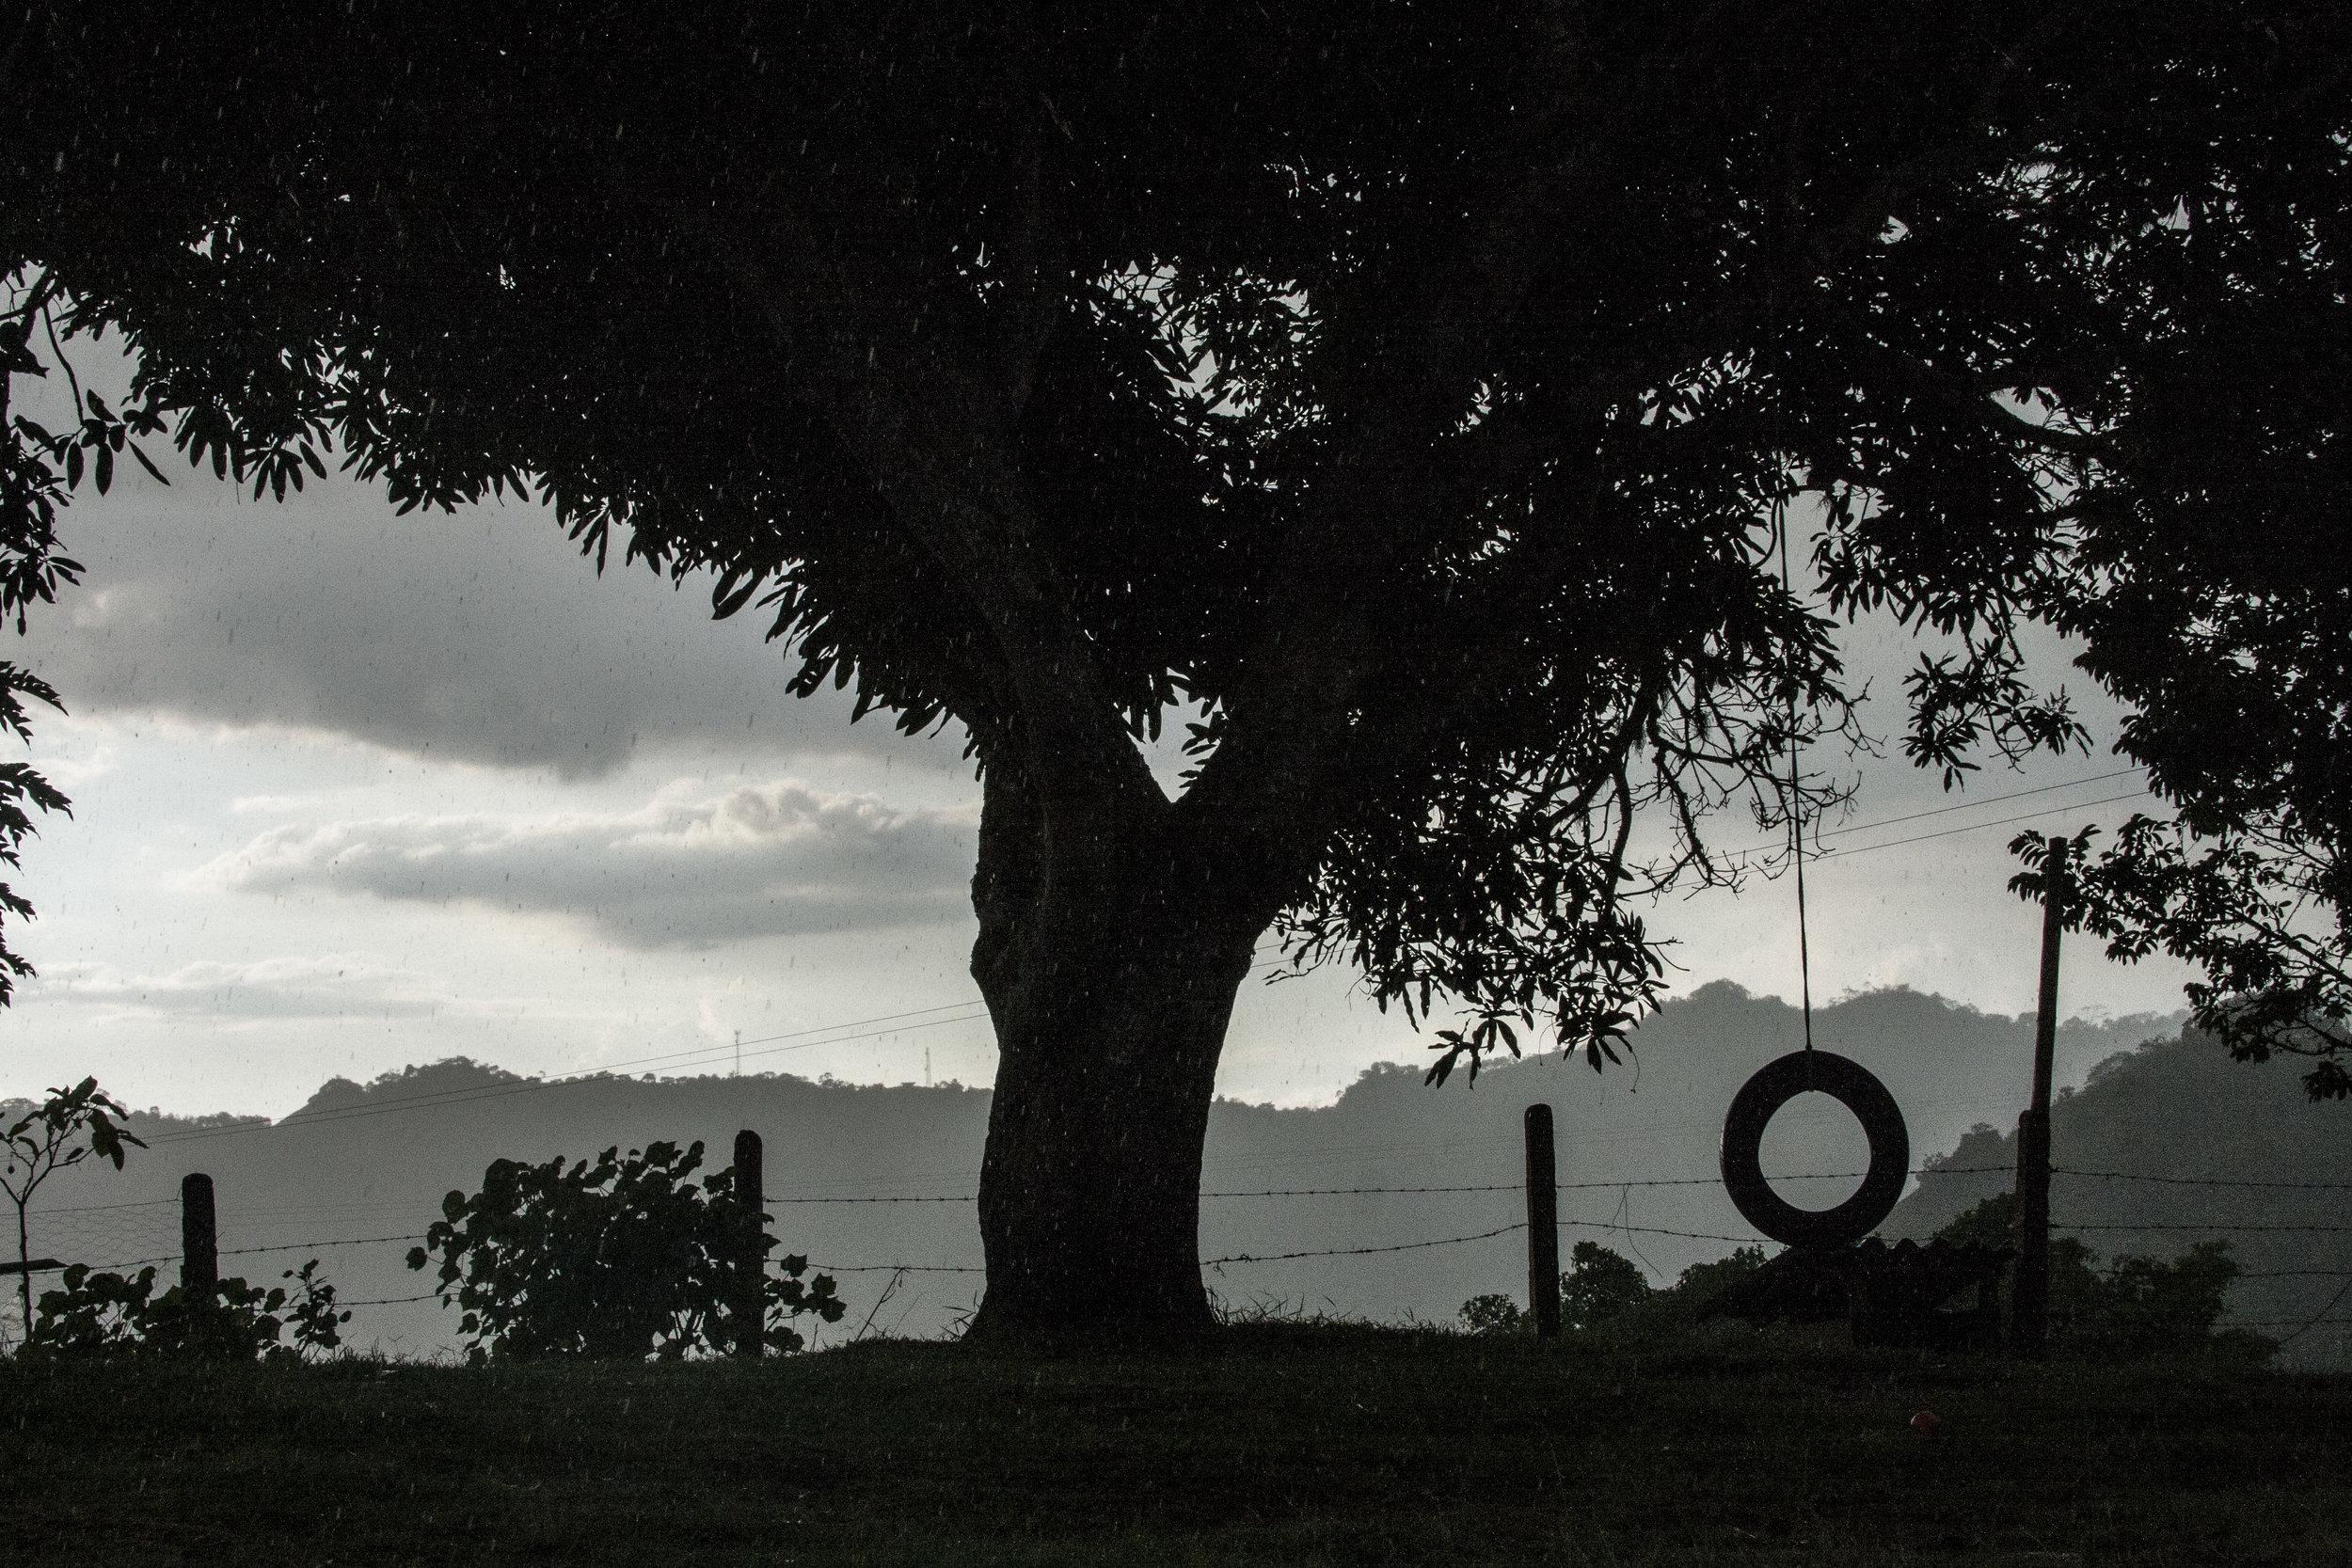 fotos portafolio137.jpg